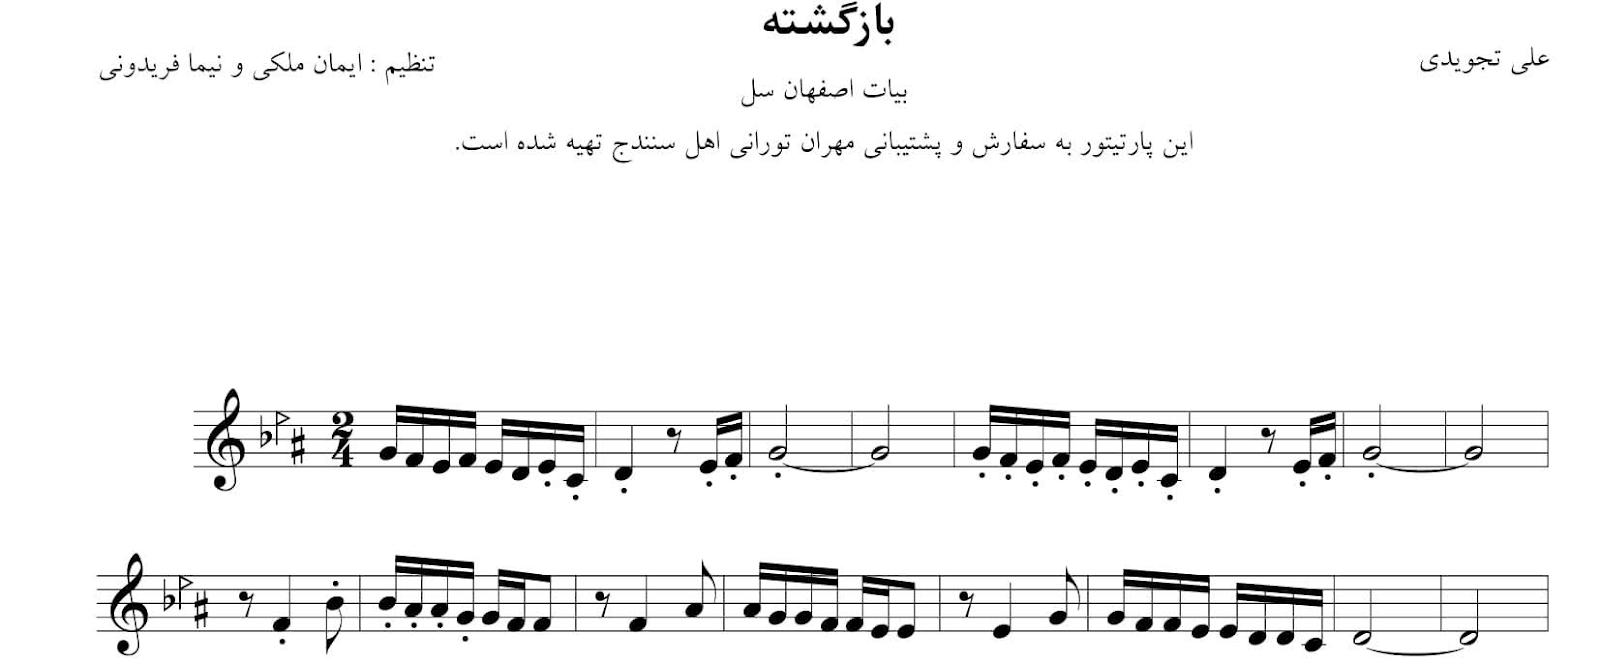 نت آهنگ بازگشته (امید جانم) دلکش علی تجویدی رحیم معینی کرمانشاهی اصفهان ر